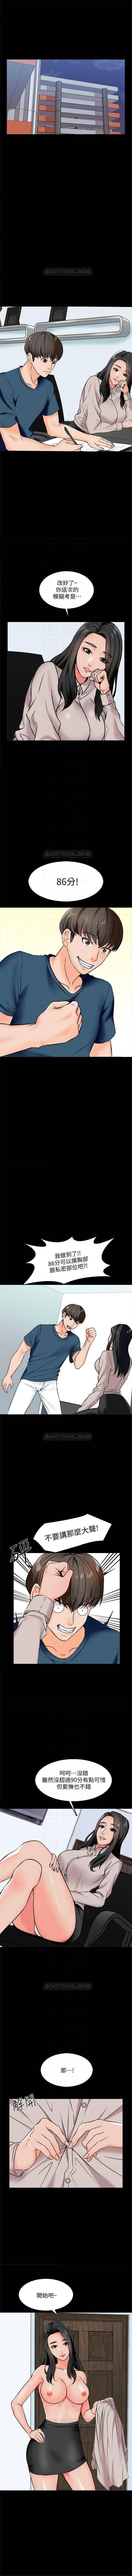 家教老師 1-42 官方中文(連載中) 97